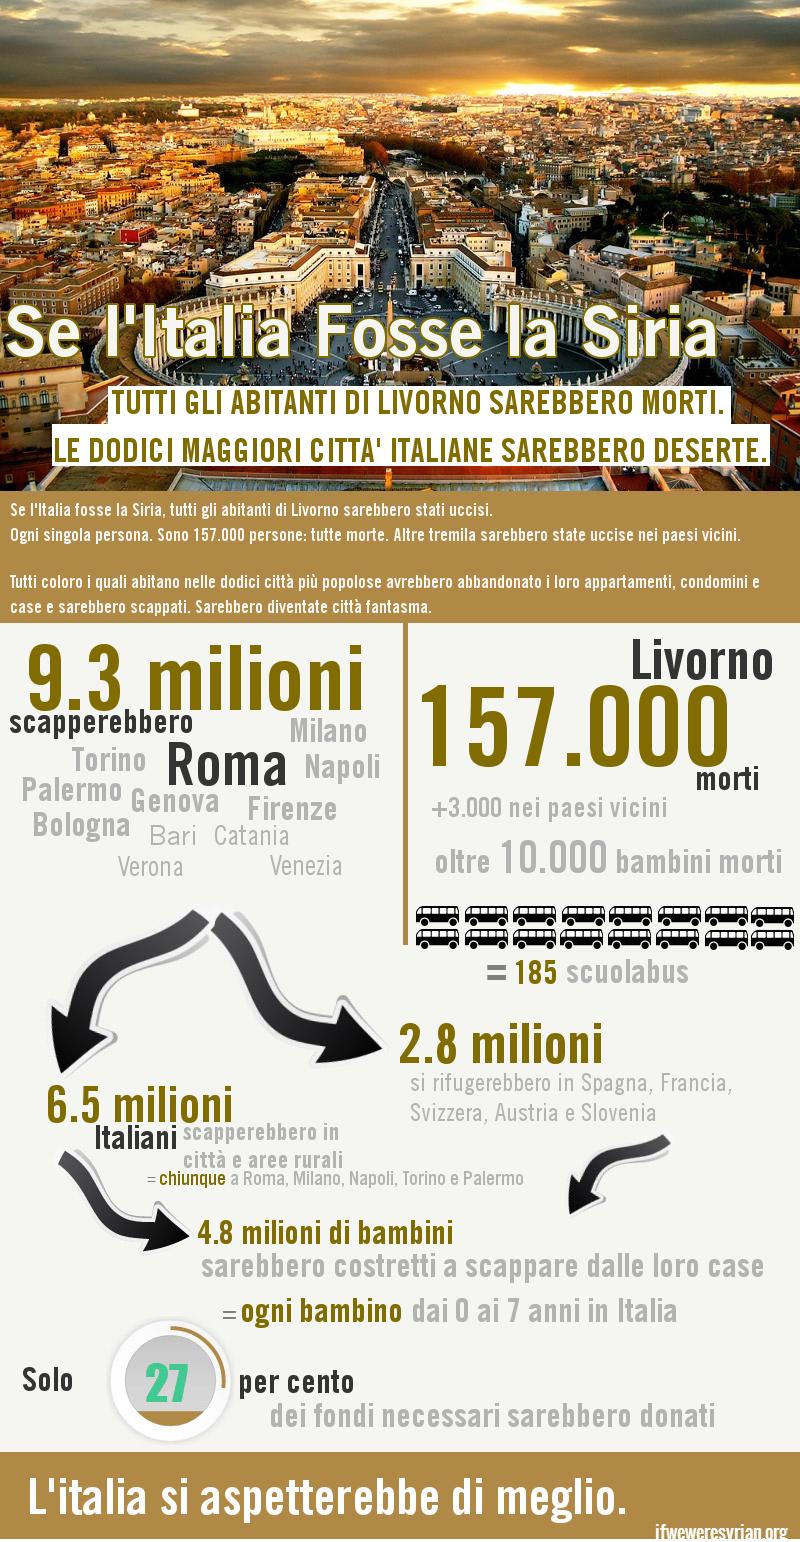 infografica del conflitto siriano portato in Italia